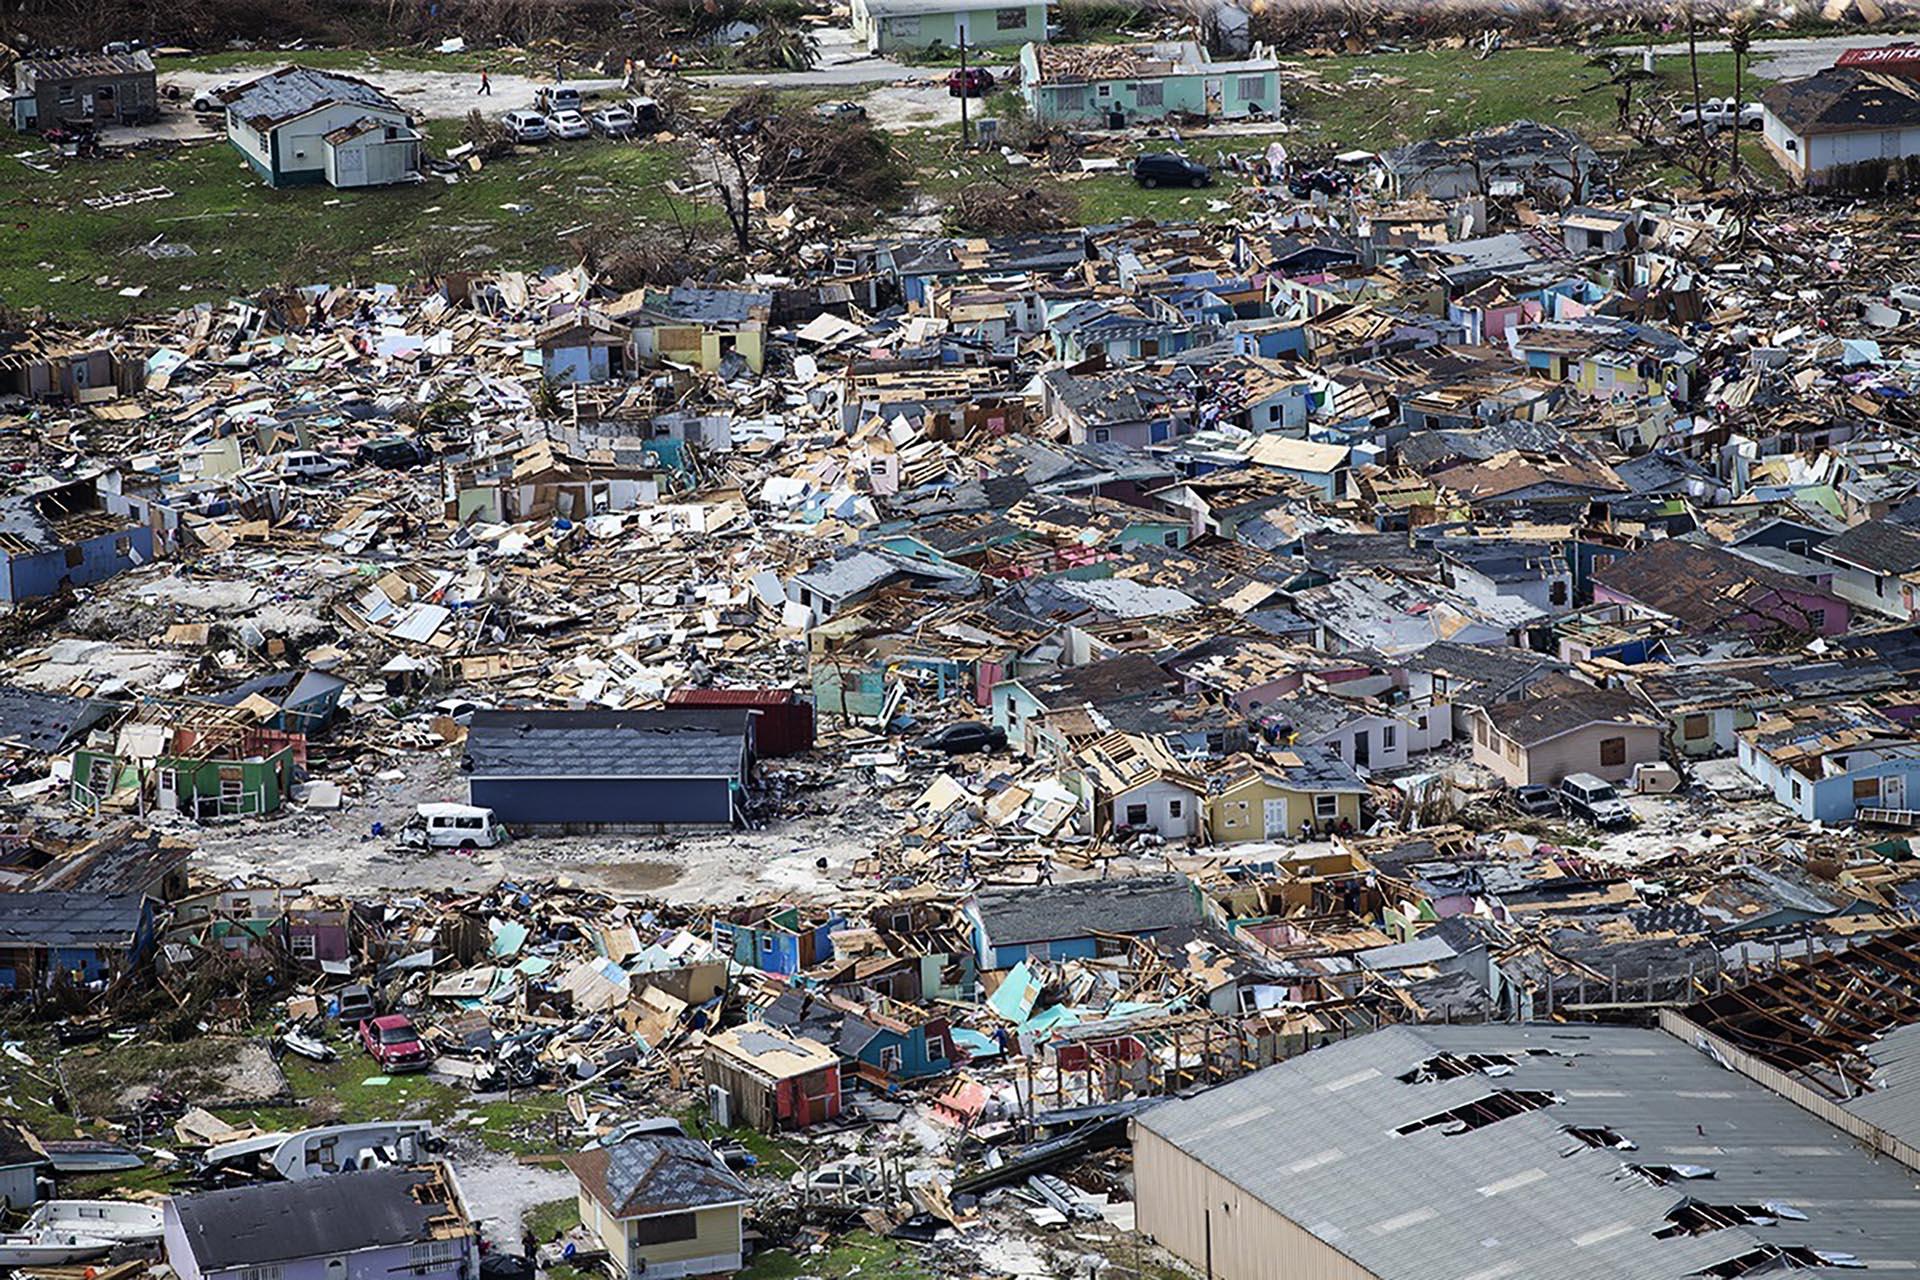 Esta foto muestra las consecuencias del paso del huracán Dorian en Marsh Harbour, Bahamas, el miércoles 4 de septiembre de 2019